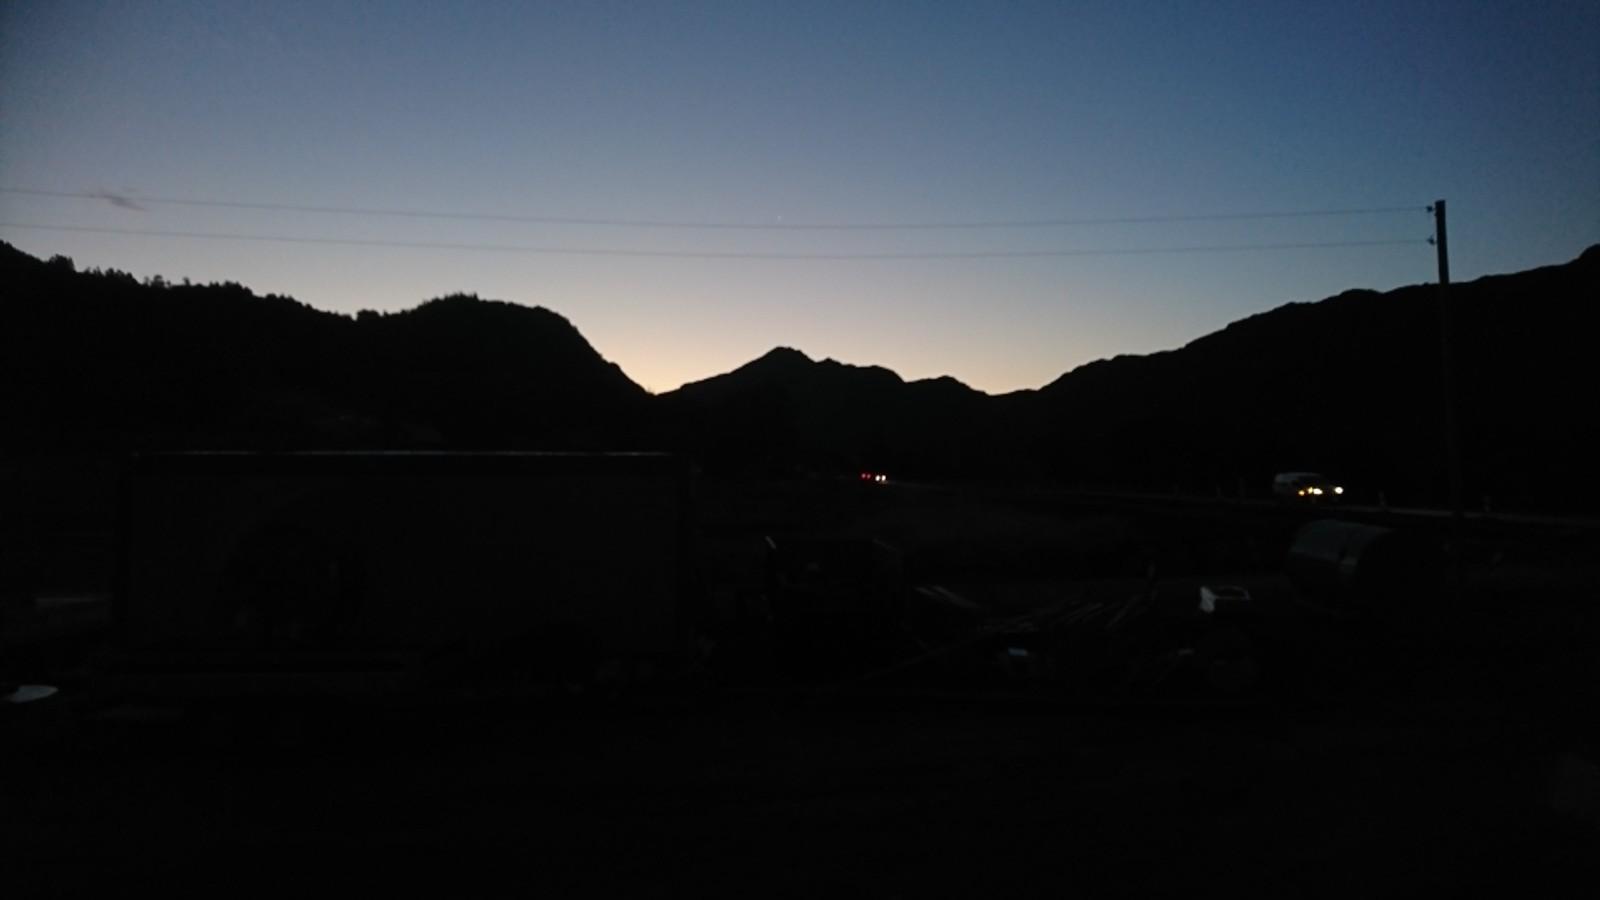 Ein ny fin dag er i emning. Morgenhelsing frå Gurskebotn i Sande kommune